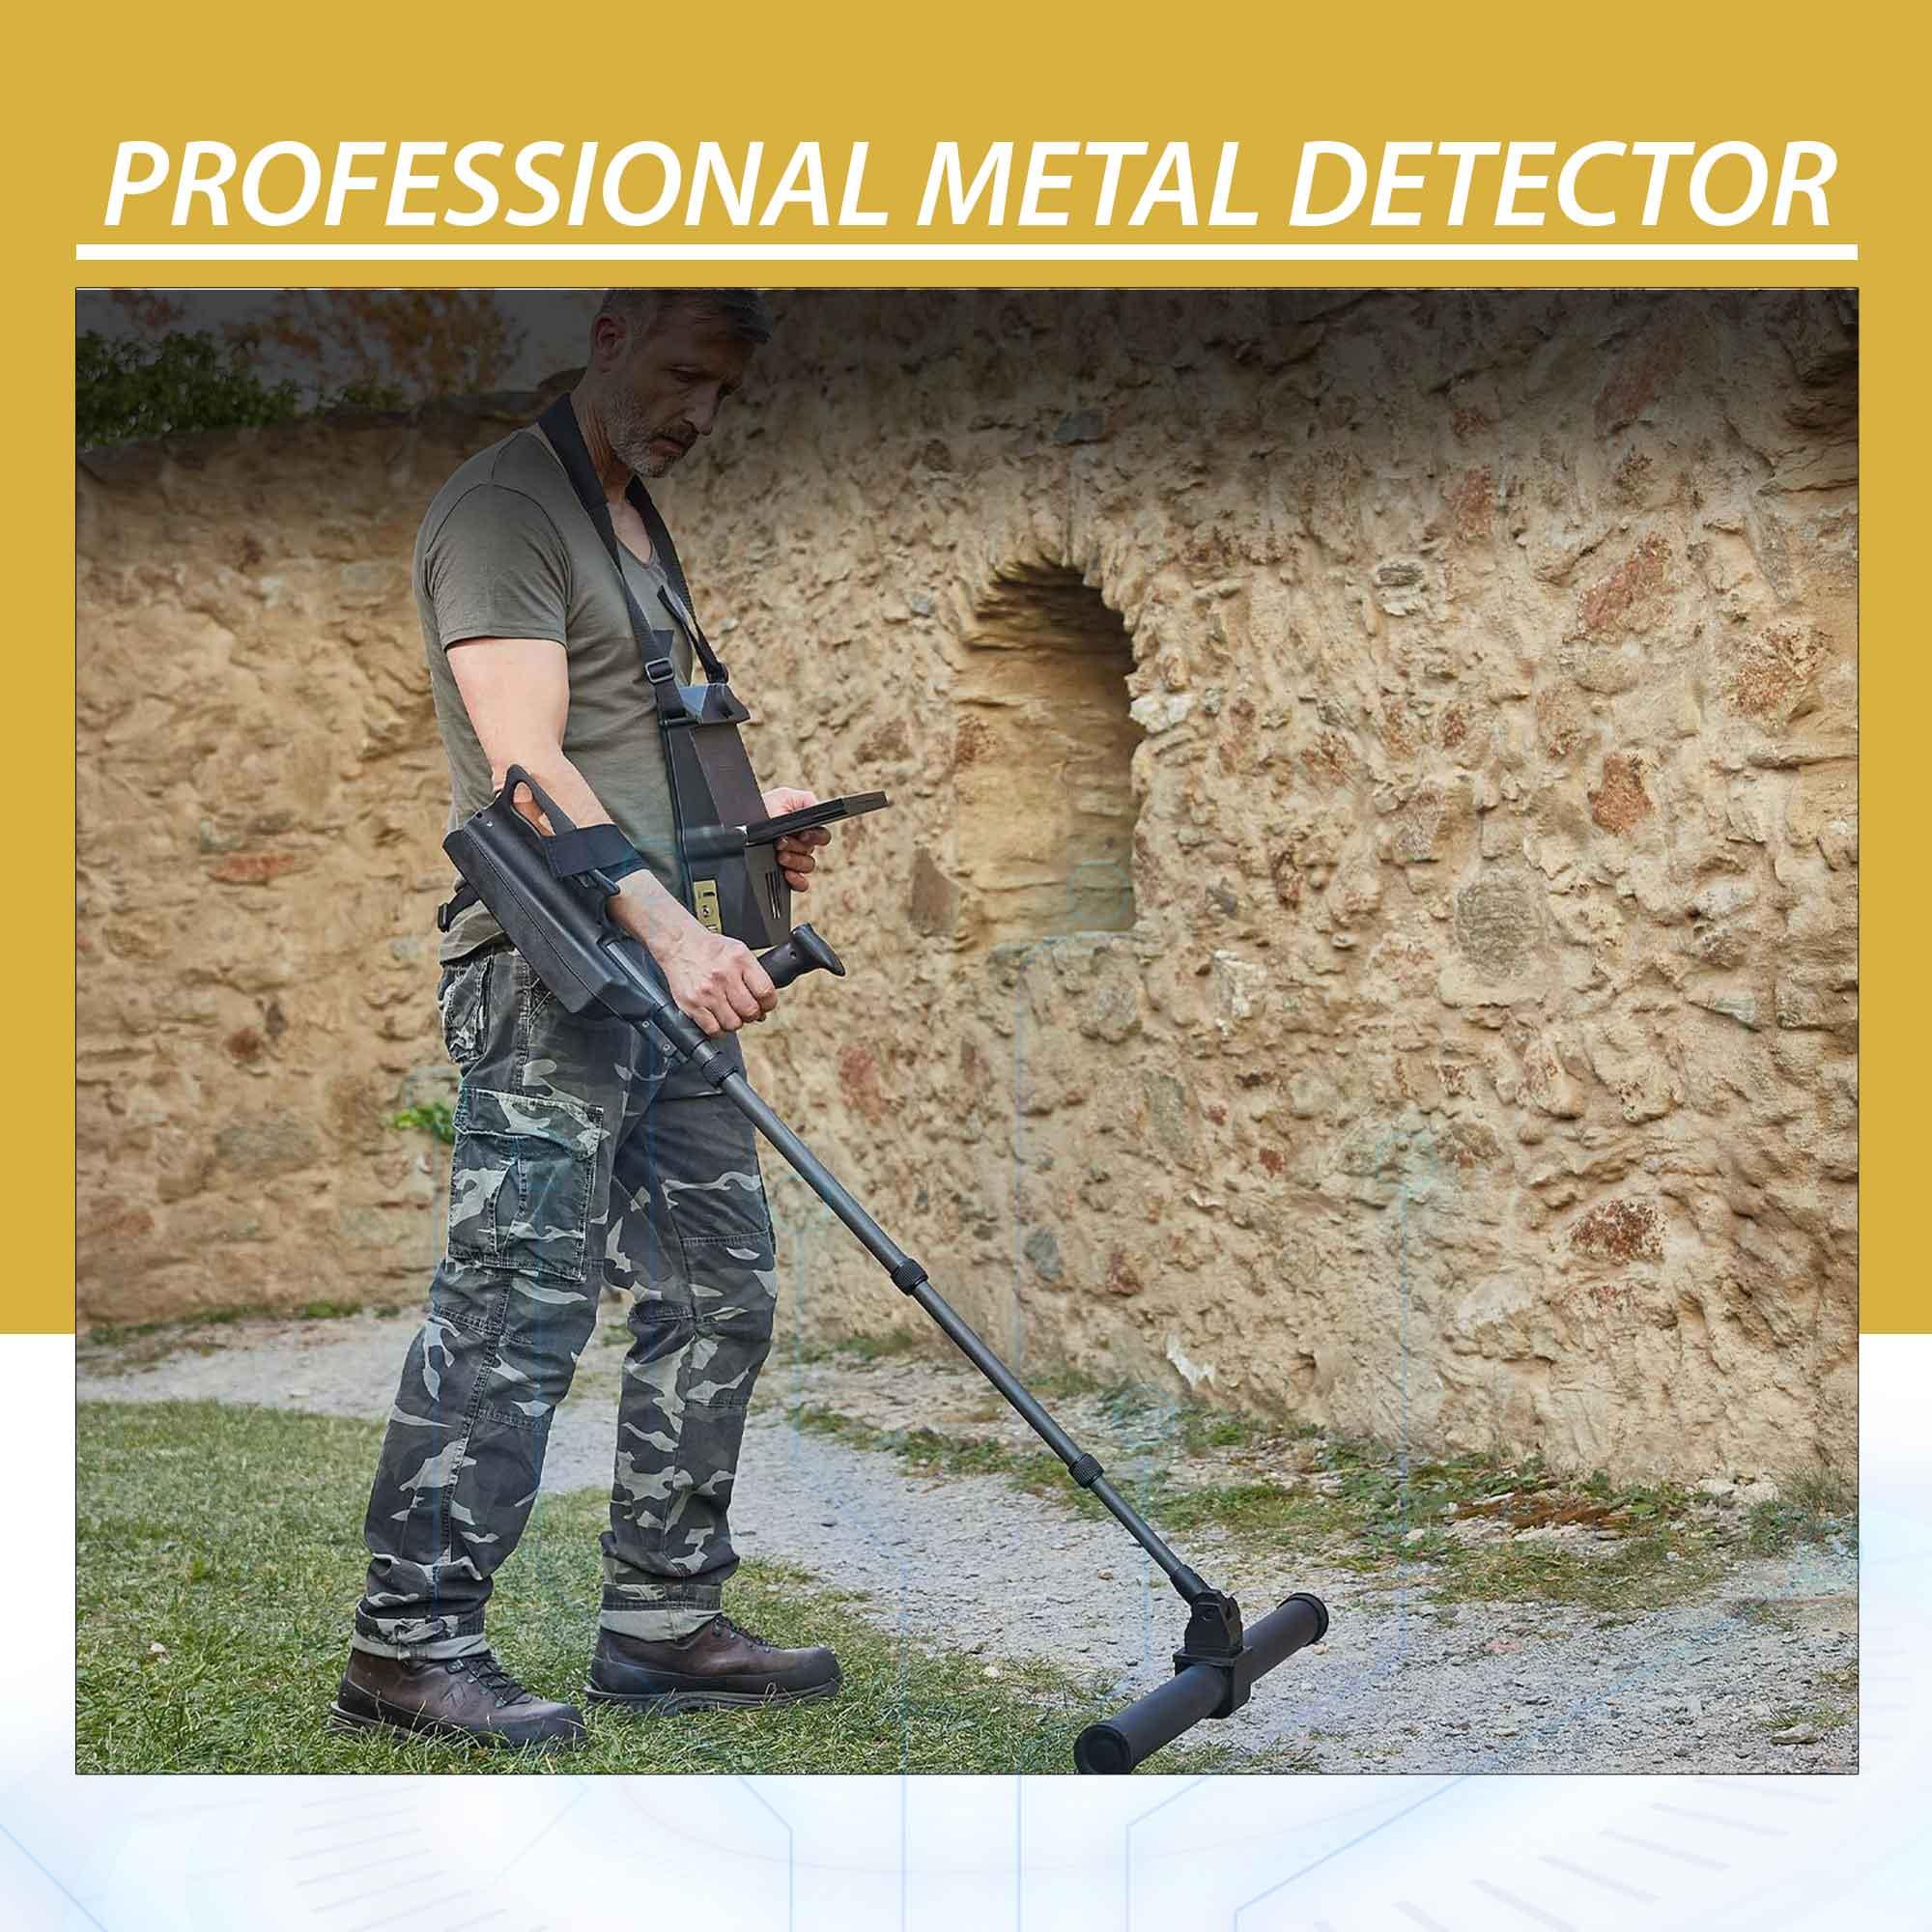 Professional Metal Detector